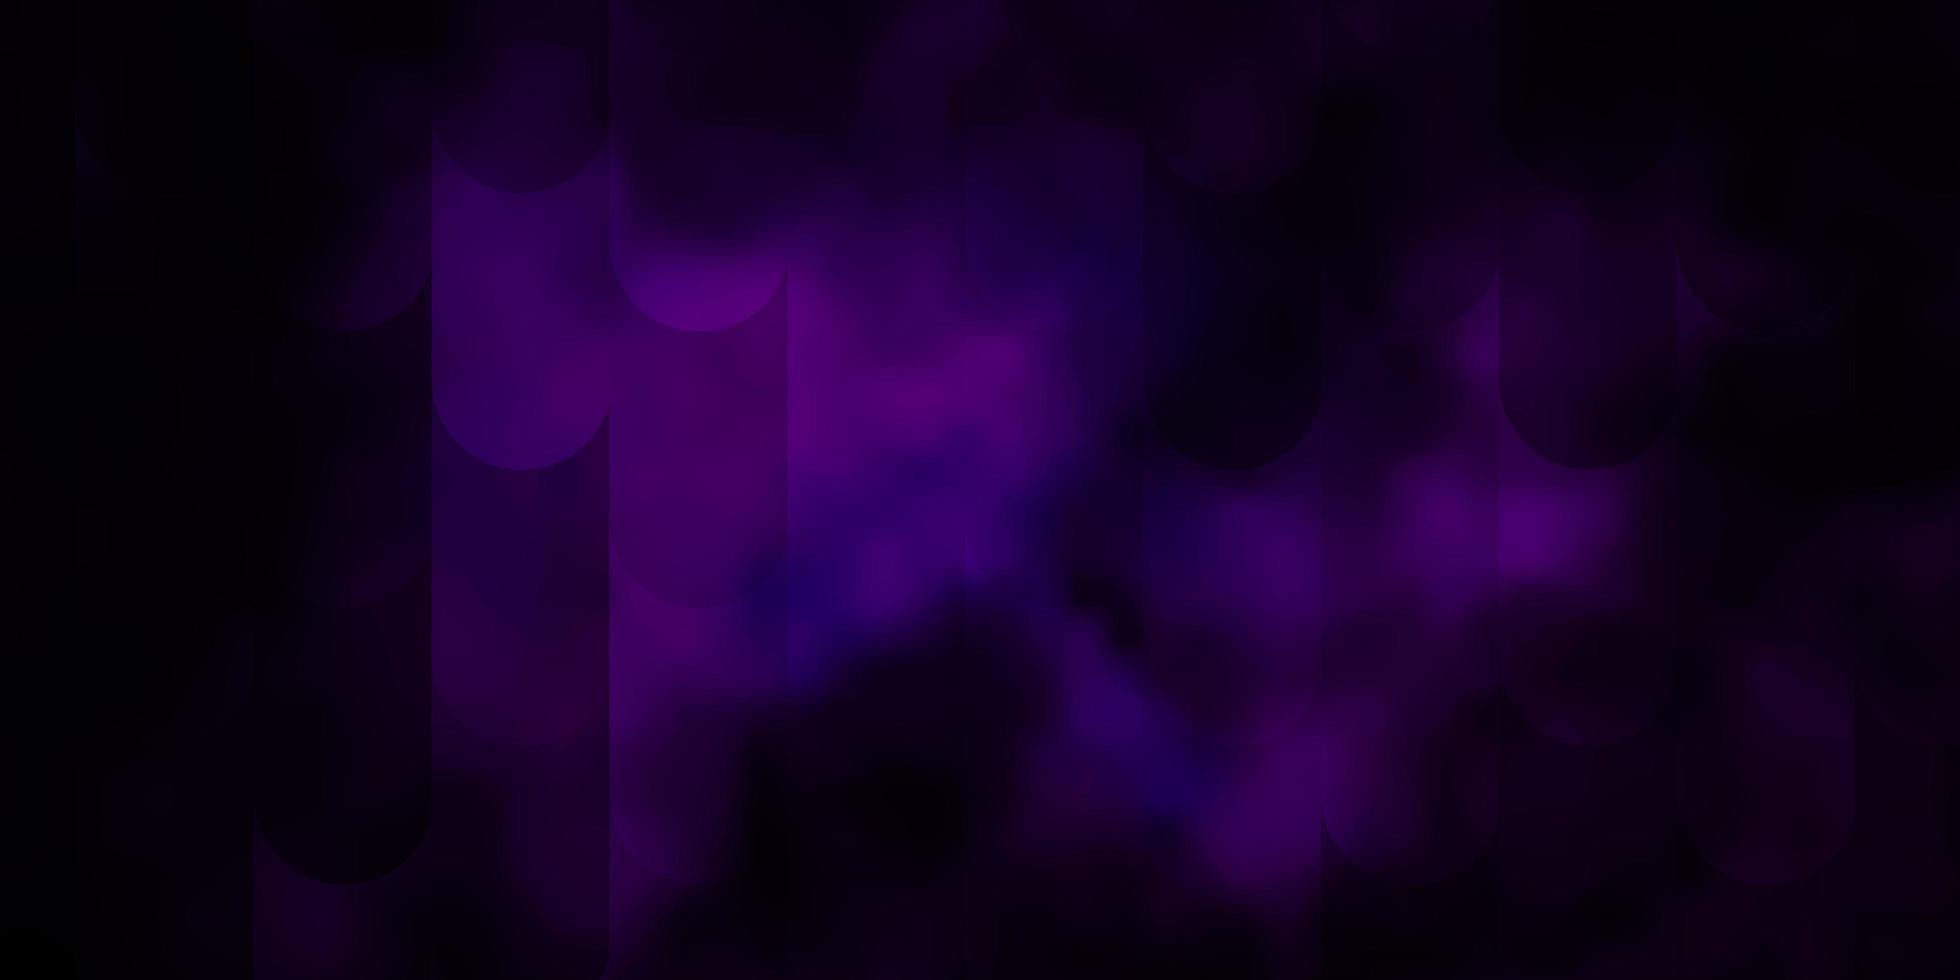 dunkelrosa Vektorschablone mit Linien. vektor